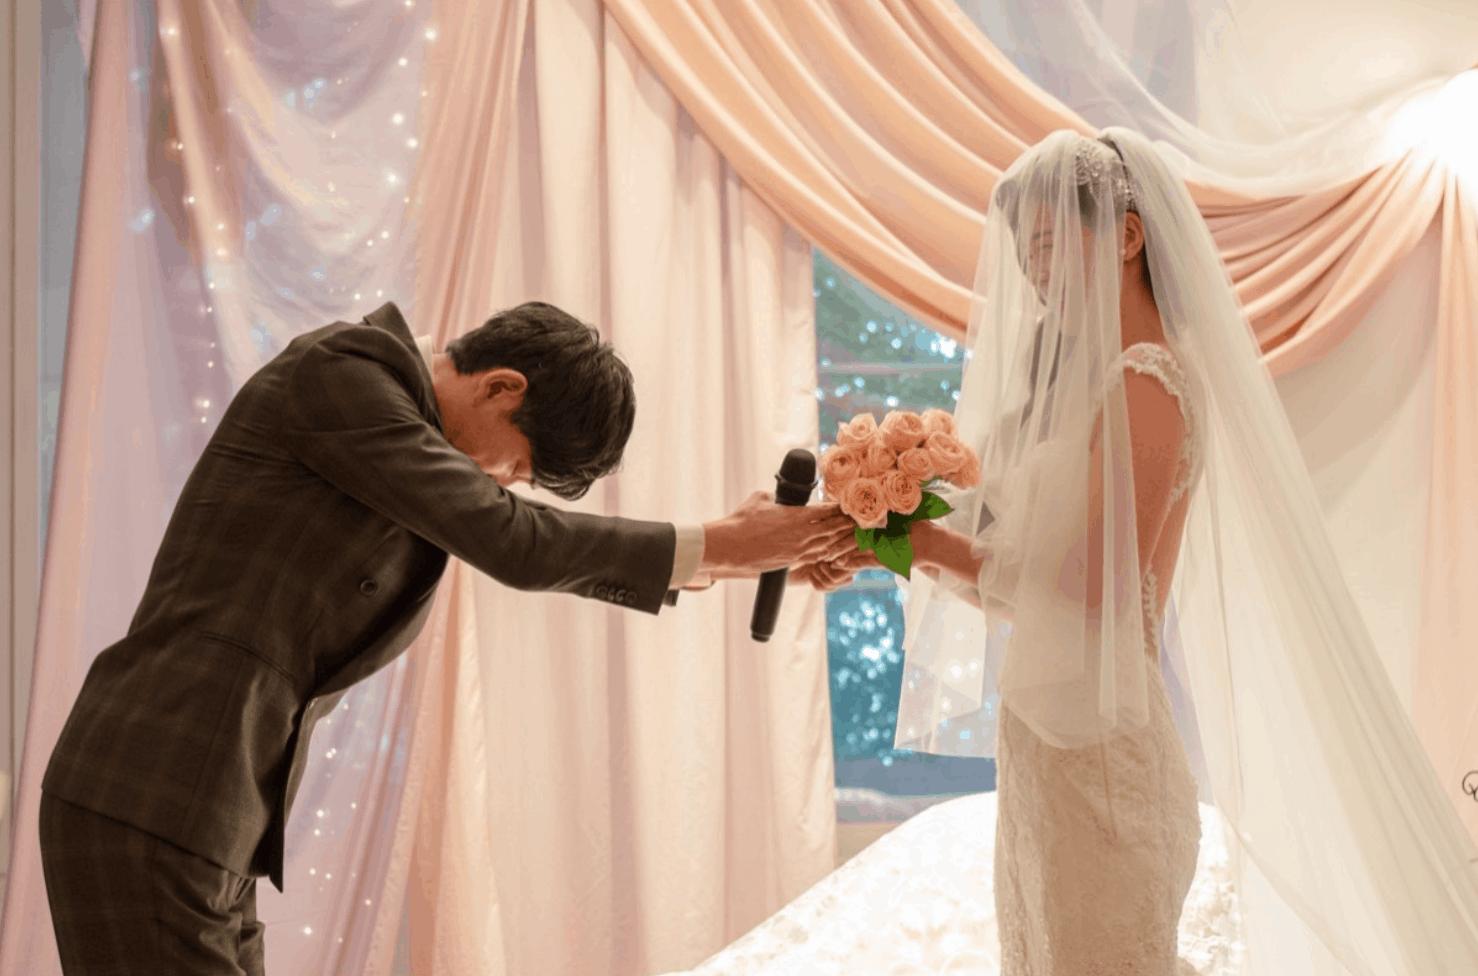 結婚式で使う「ダズンローズ」って?人気演出に込められた、素敵な意味とアイデアのカバー写真